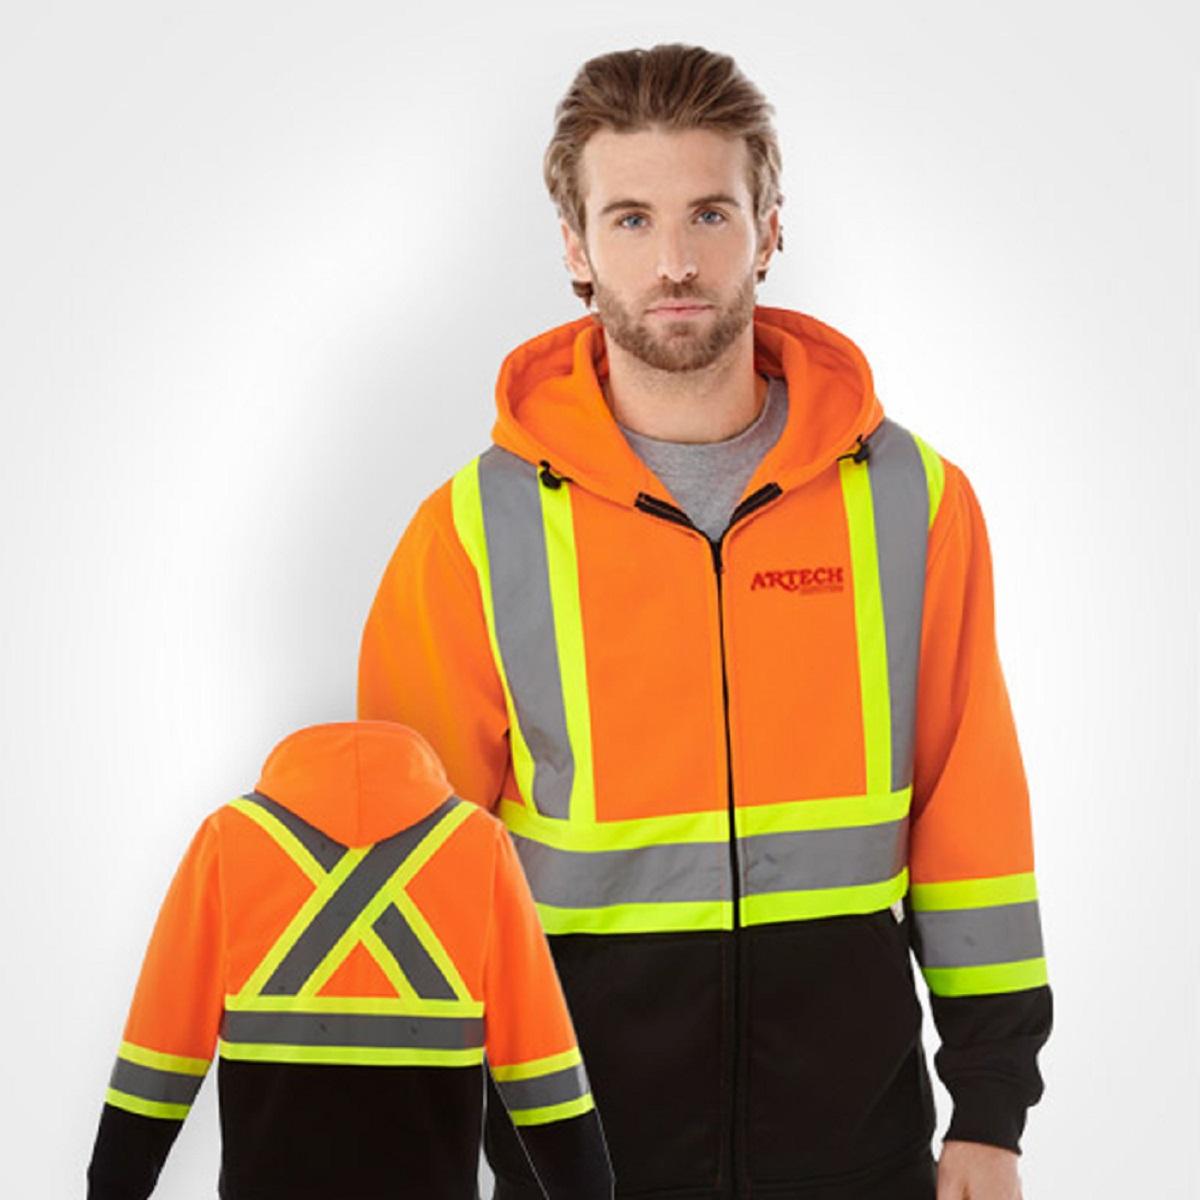 Những mẫu đồng phục bảo hộ giá tốt 2020